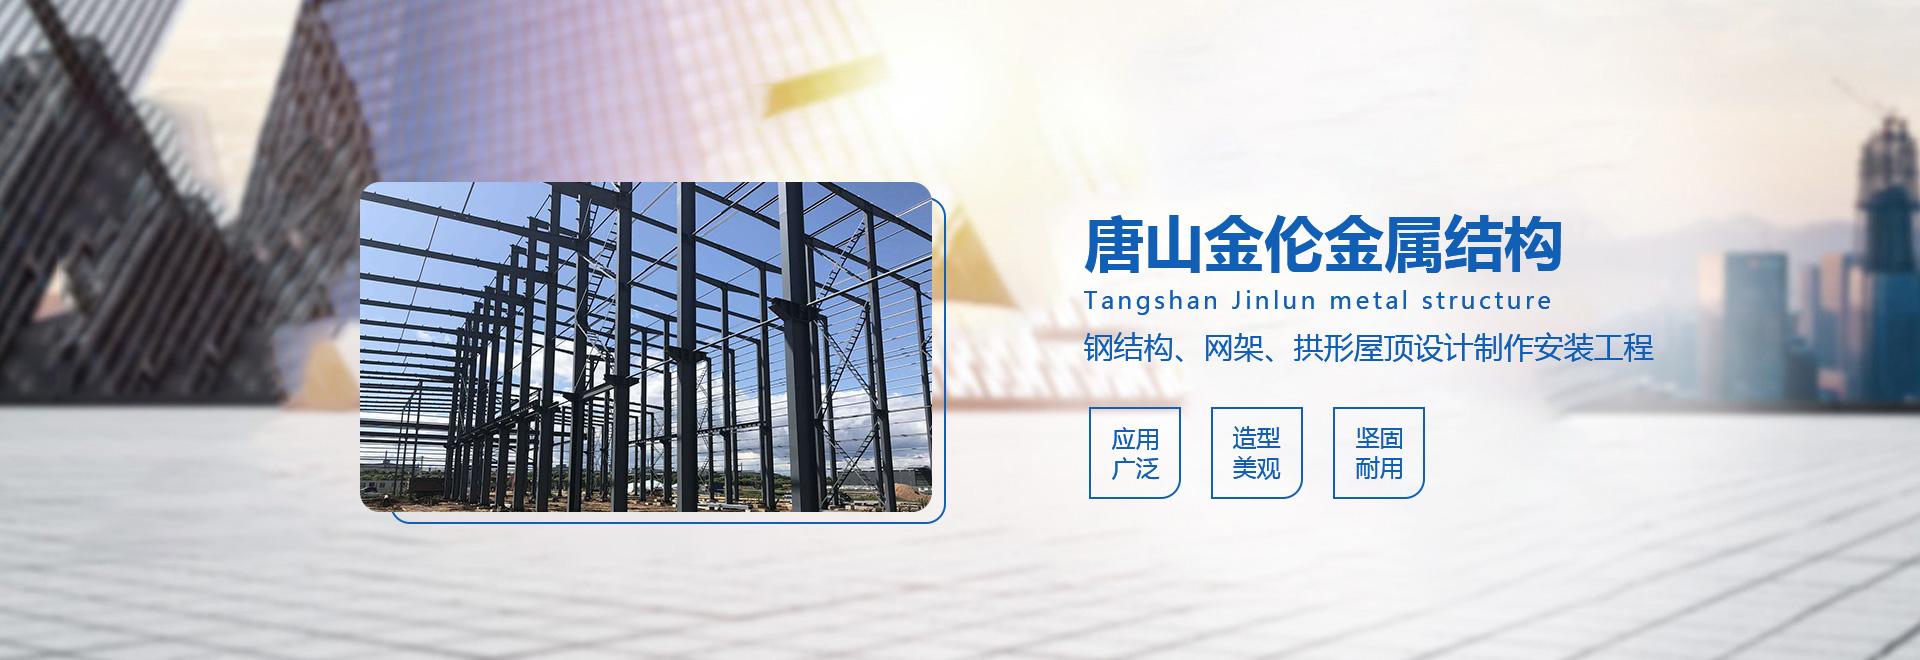 拱形屋顶,彩钢拱形屋顶,彩钢钢结构工程